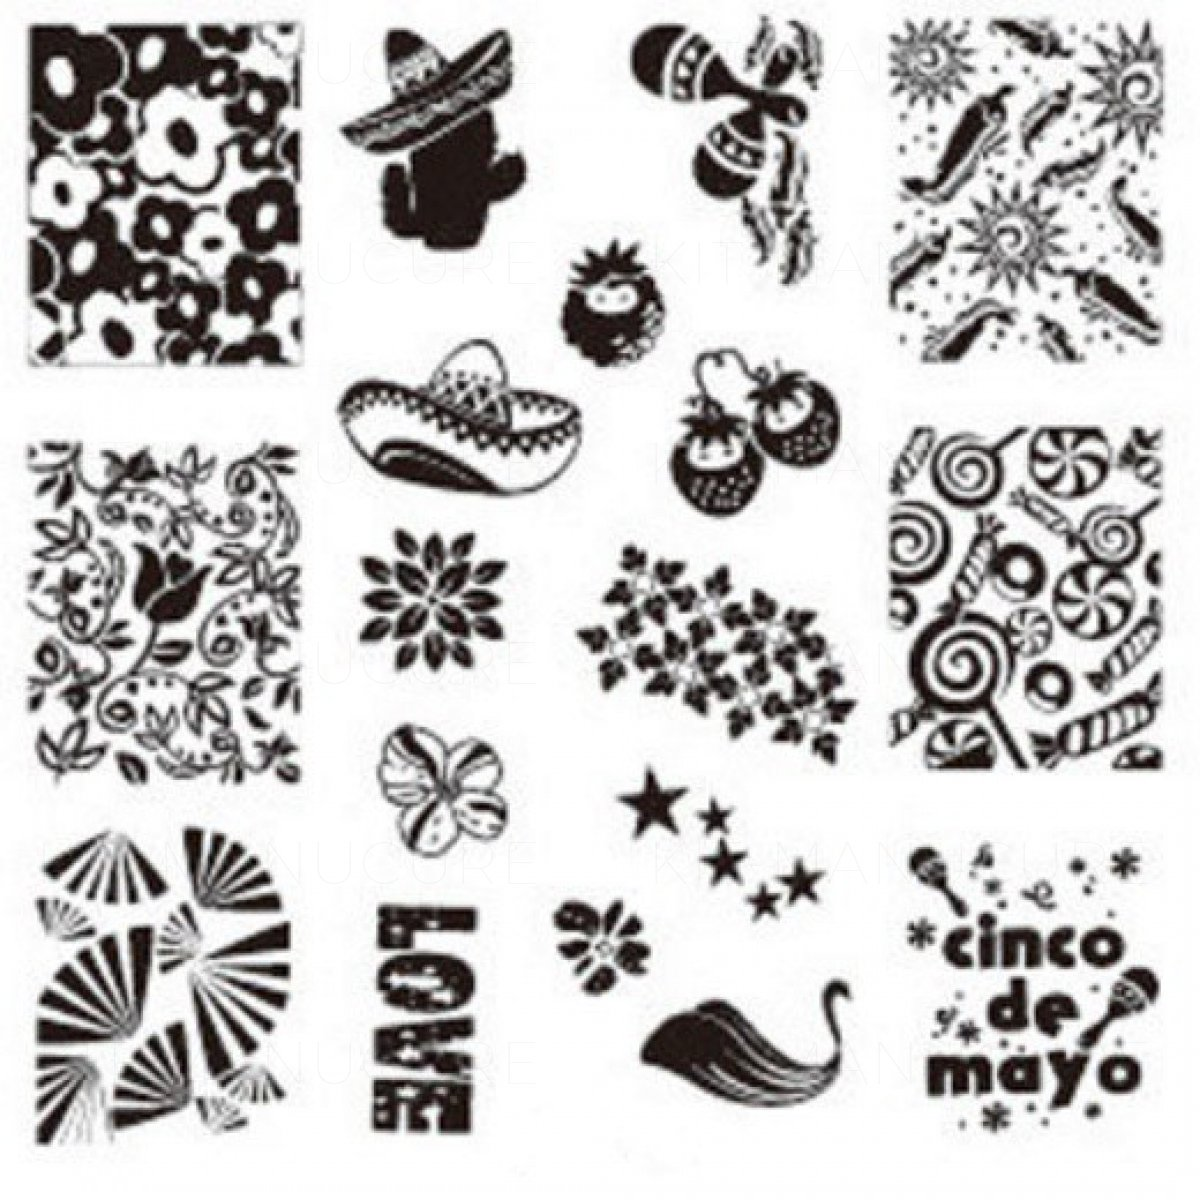 https://www.kit-manucure.com/997-thickbox_default/plaque-de-stamping-cactus-mexique-et-bonbon.jpg